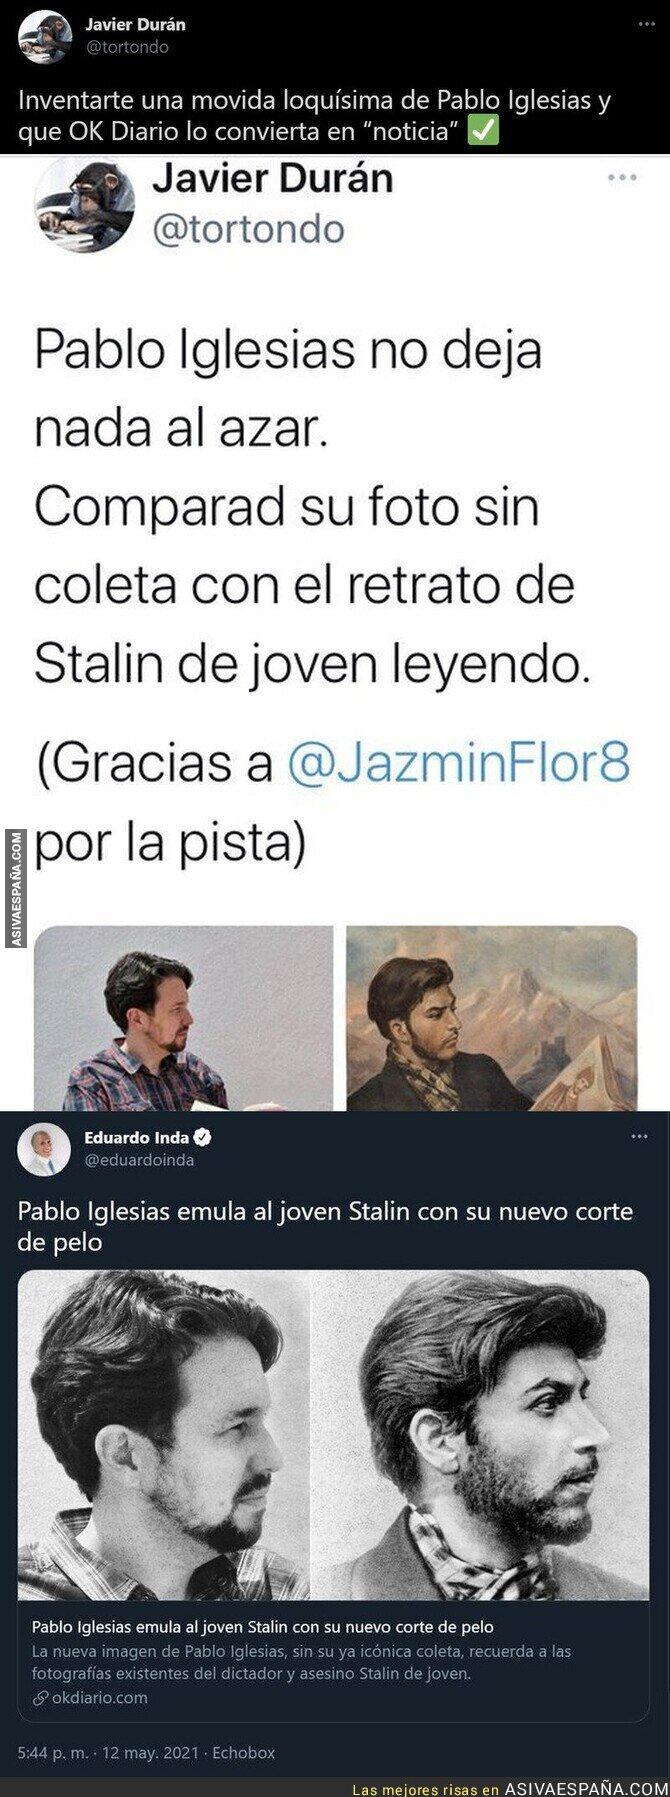 754511 - OKDiario saca esta surrealista noticia sobre Pablo Iglesias y Stalin por su corte de pelo tras la broma de un tuitero